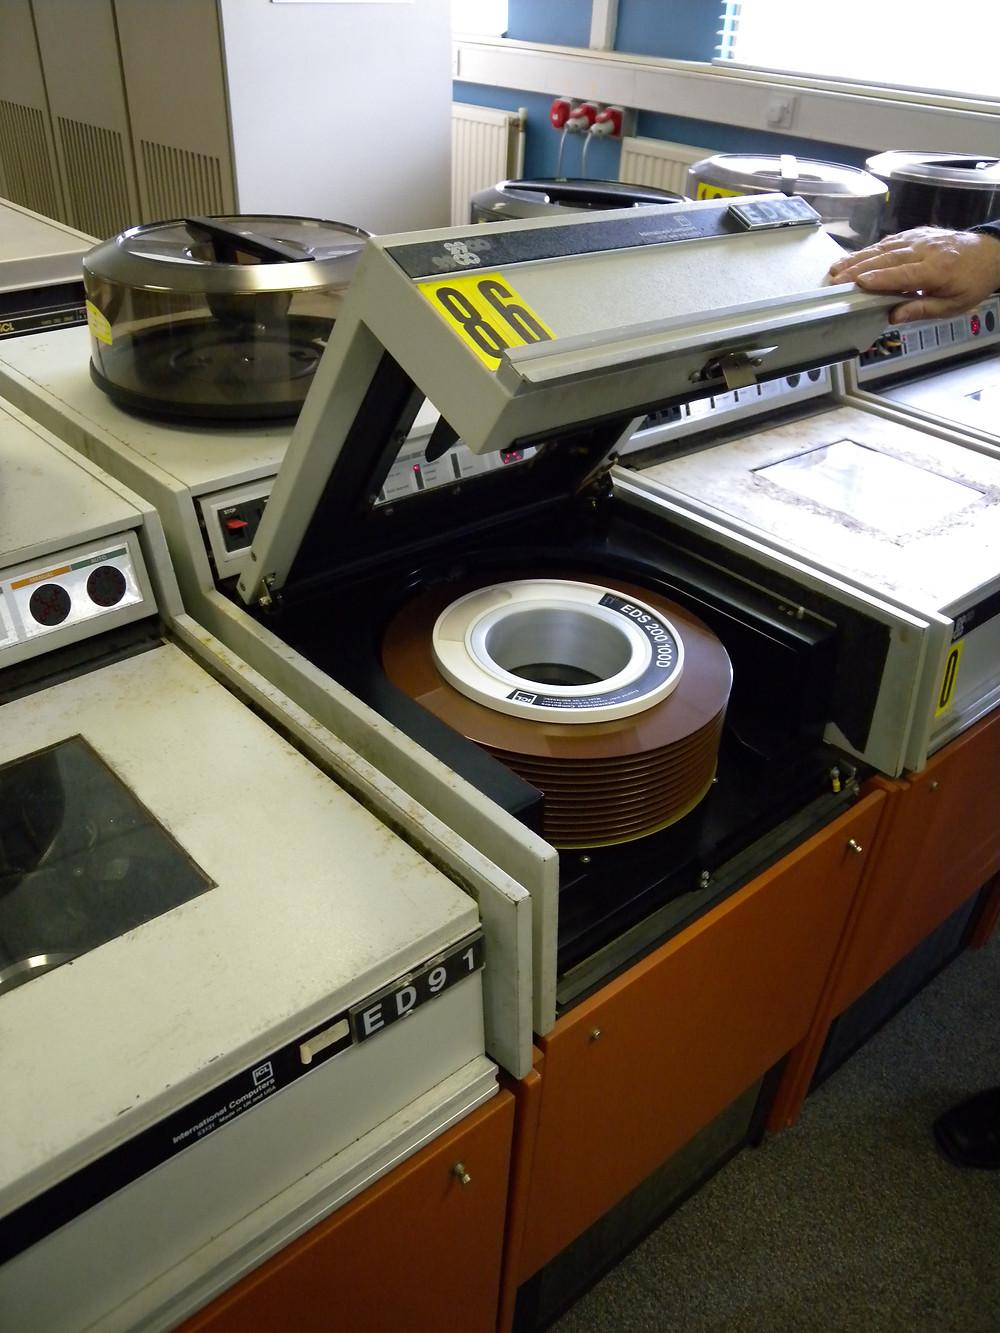 Trong khi ổ đĩa vẫn mang kích thước của một máy giặt, bộ đĩa khả nạp (cho phép lấy ra, gắn vào) giúp bộ lưu trữ có thể di động được.